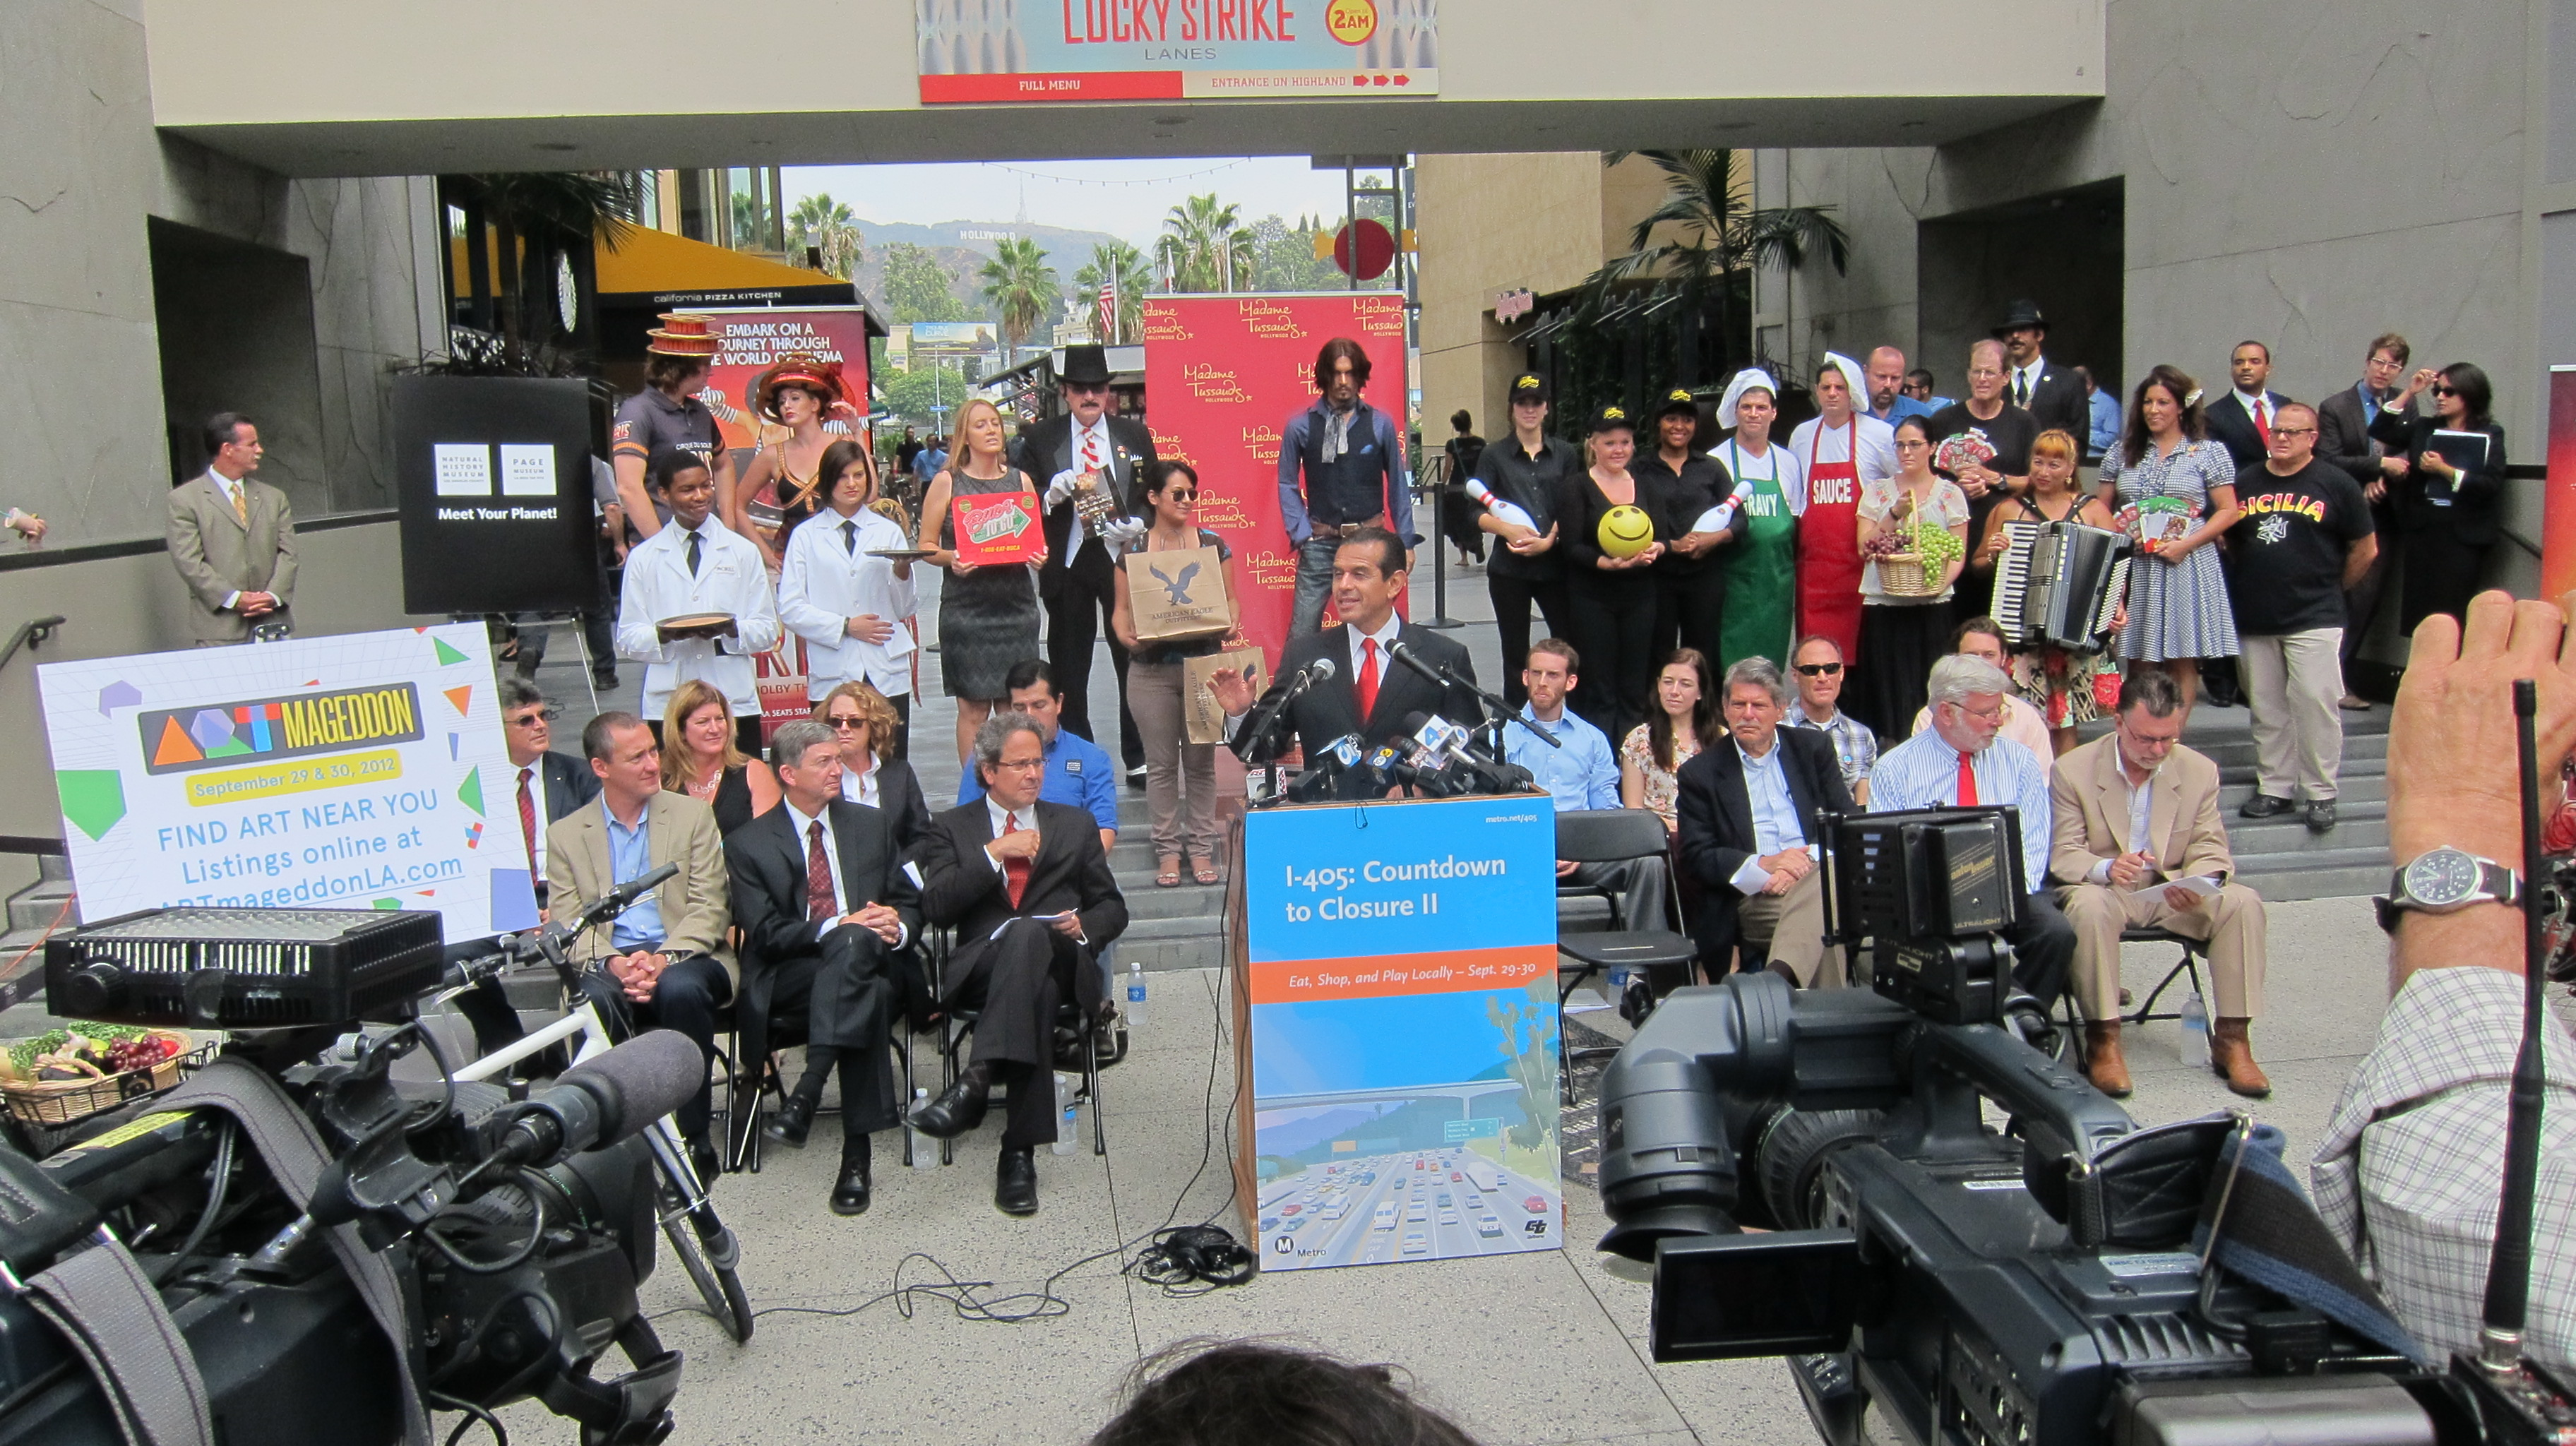 El alcalde Antonio Villaraigosa anuncia los descuentos que Metro ofrecerá durante el fin de semana de Carmagaddon II junto con sus asociados del programa Destination Discounts. (Foto Luis Inzunza/El Pasajero).